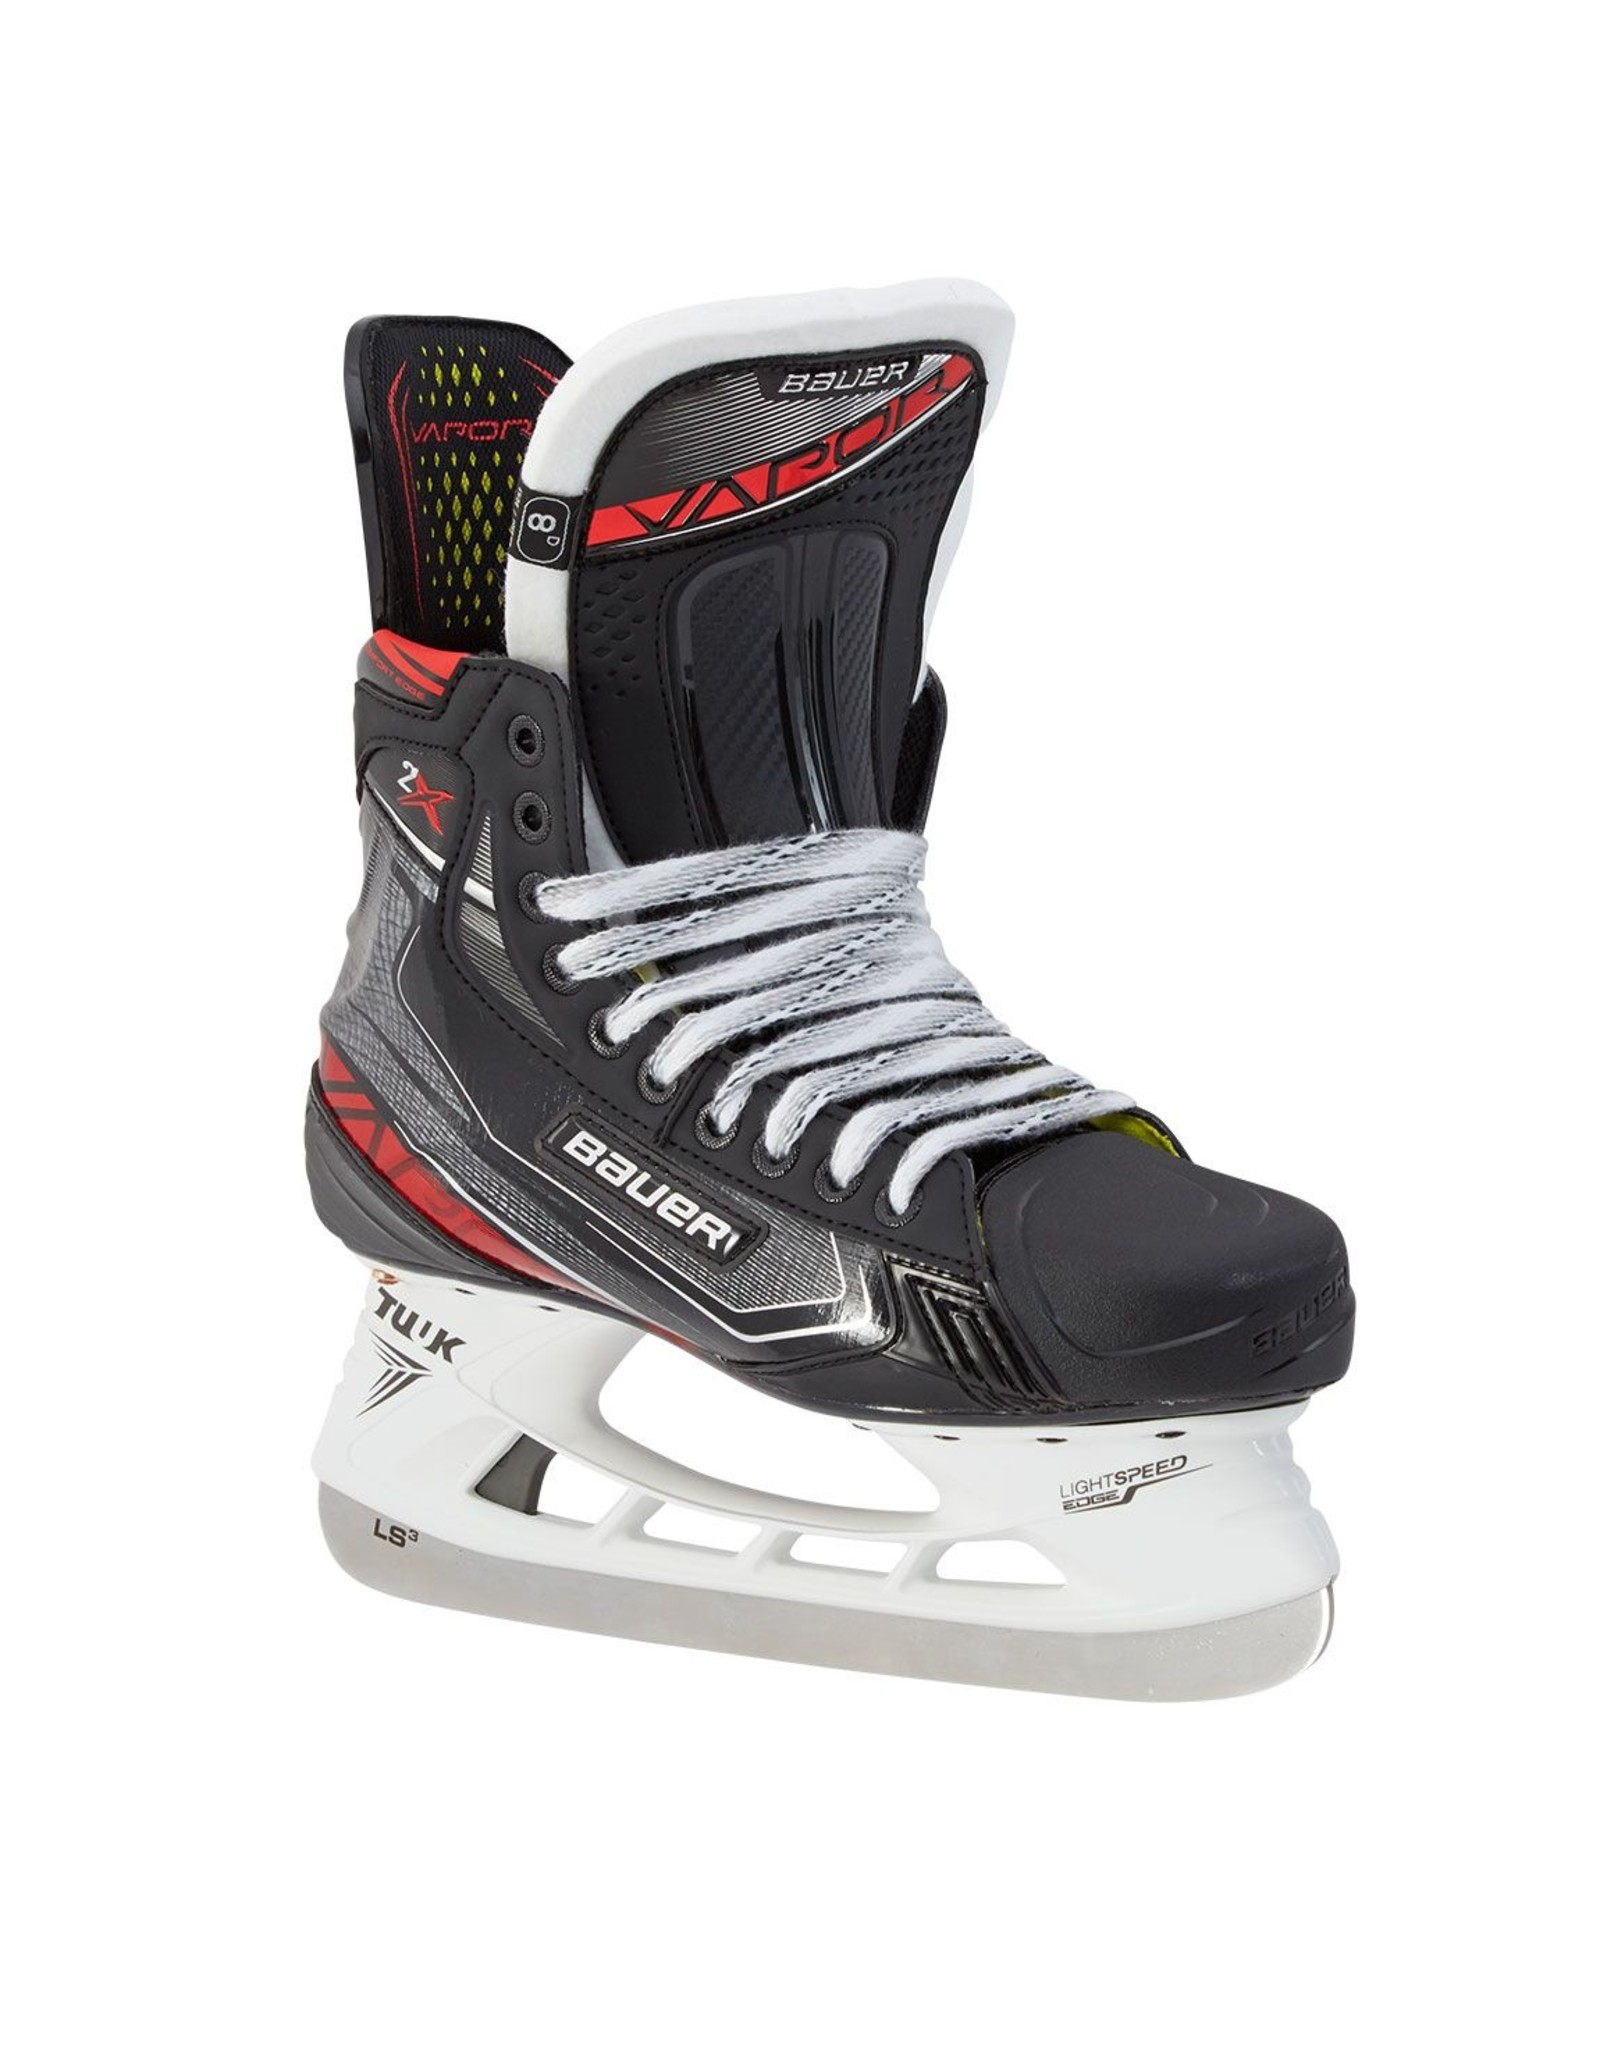 Bauer Hockey - Canada BAUER VAPOR 2X SKATE '19 - SR